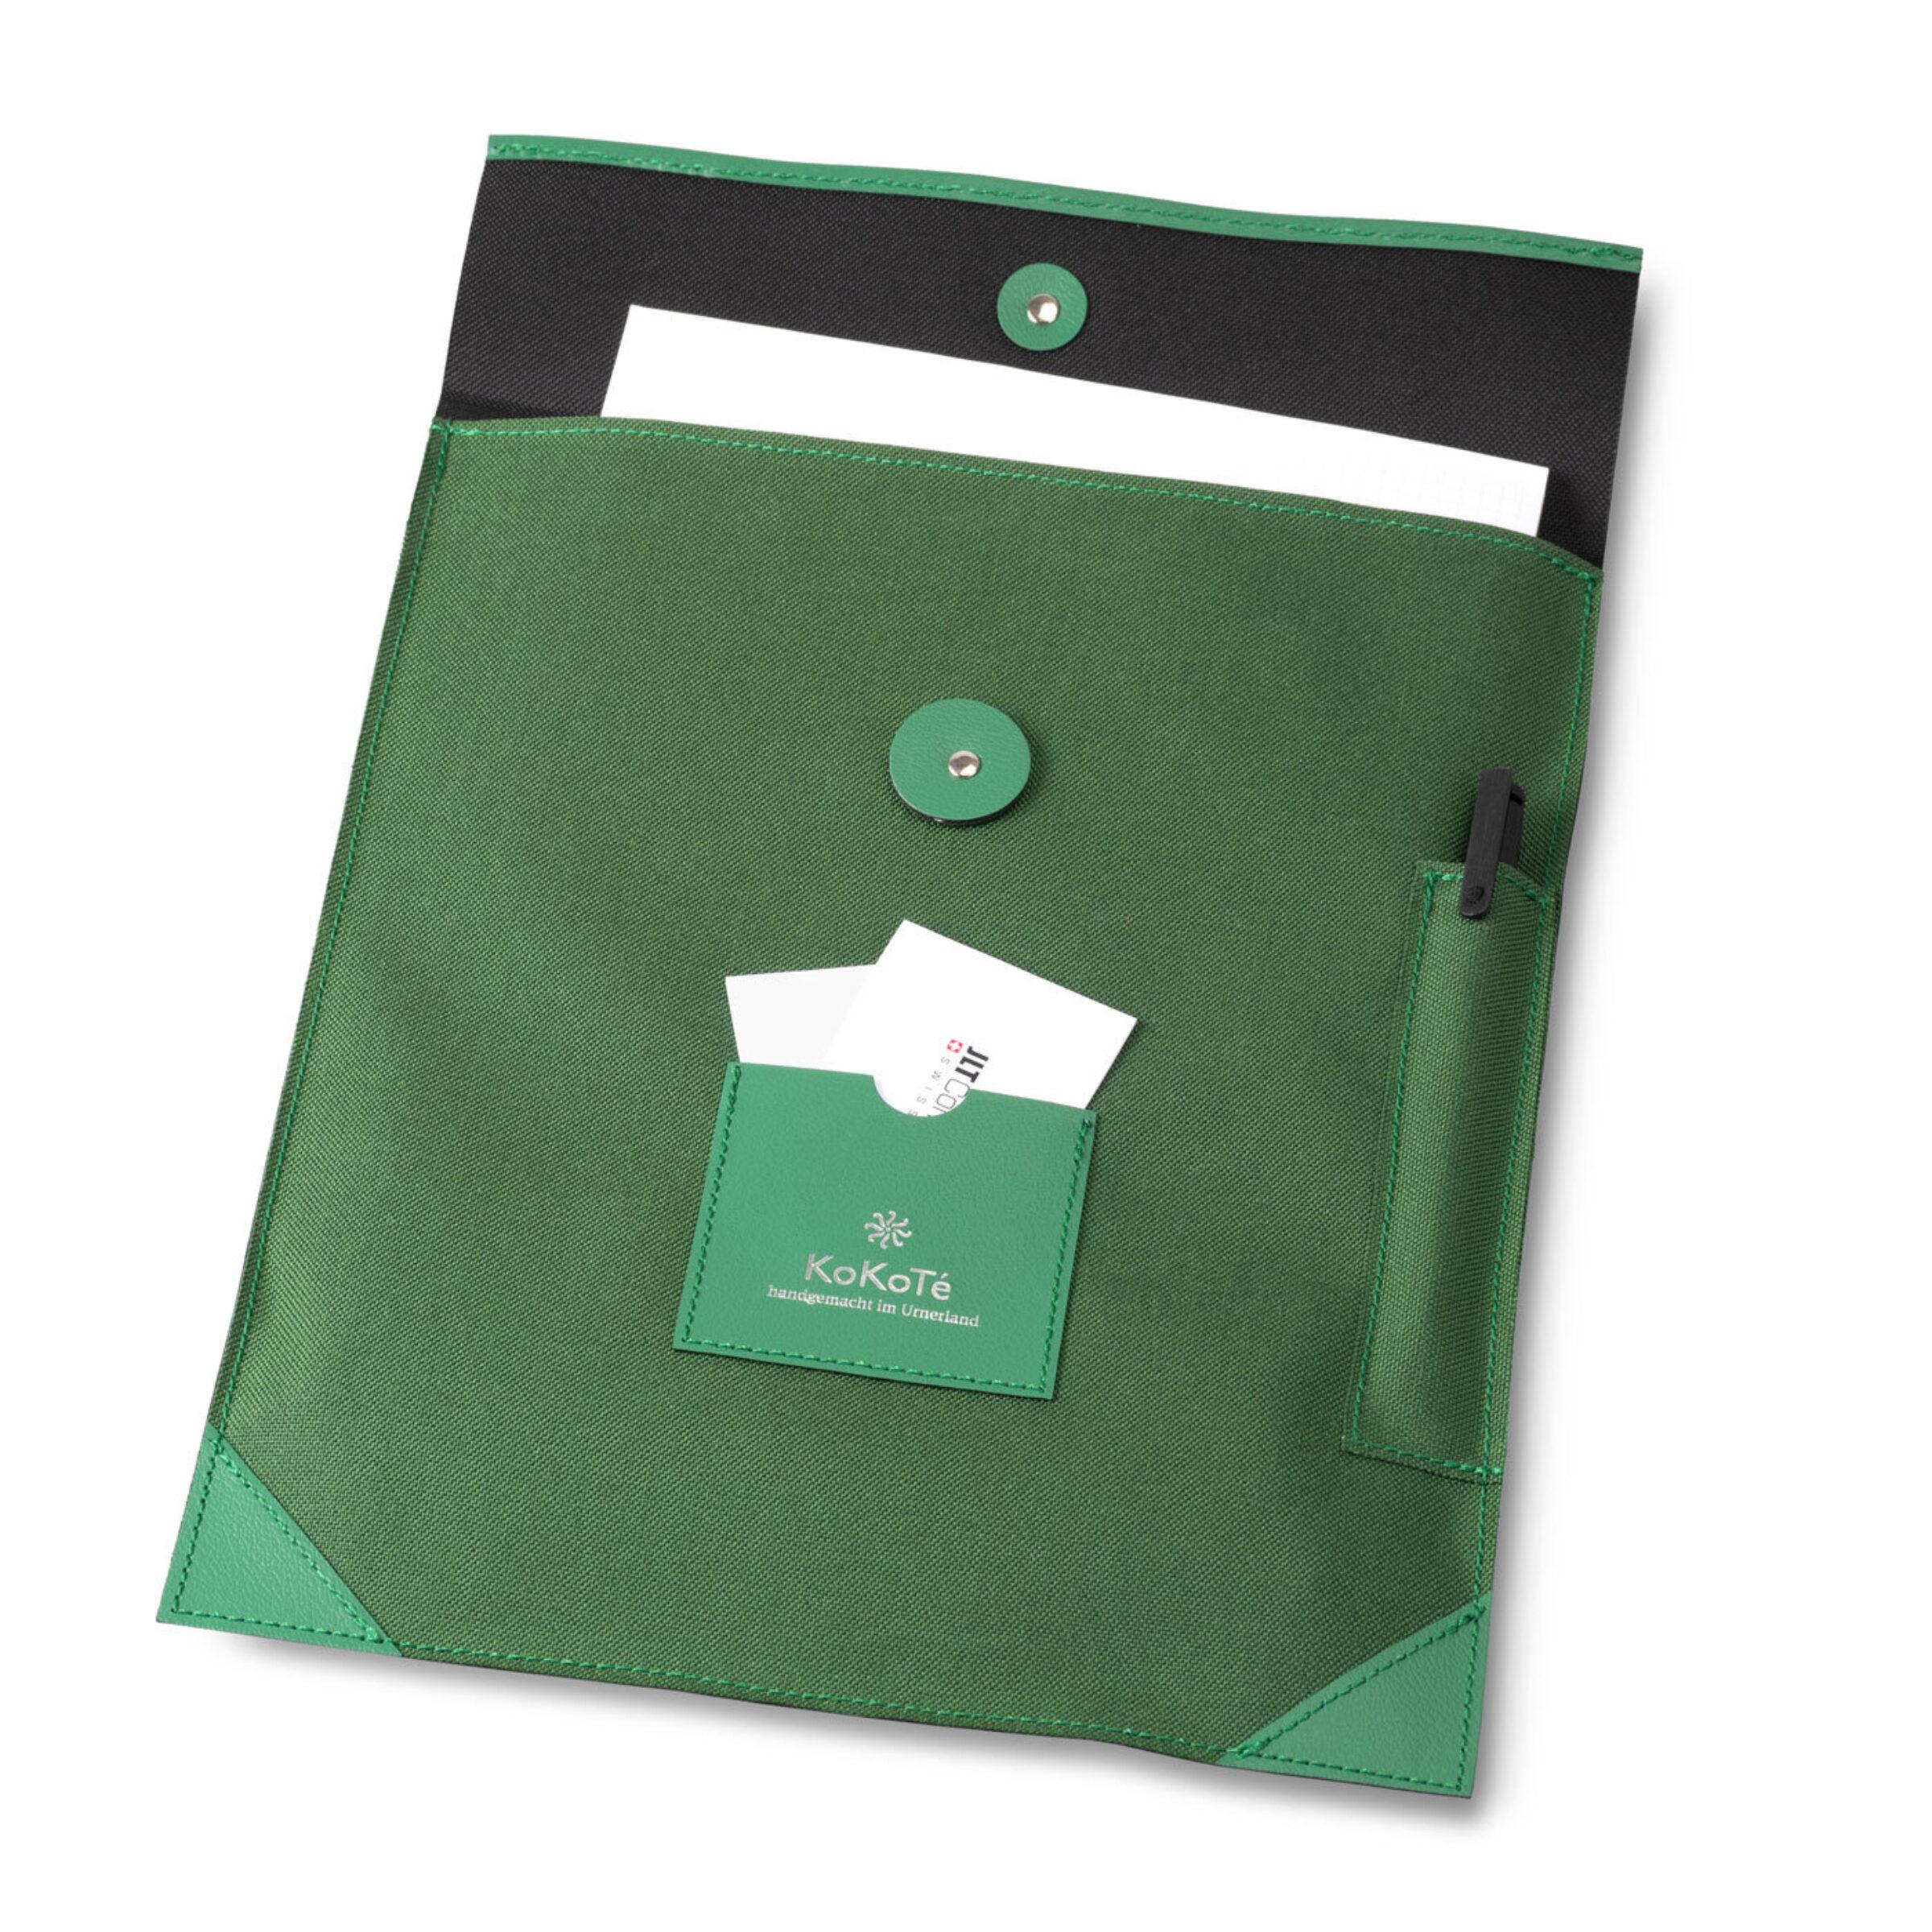 17 IQ Tasche grün mit Inhalt